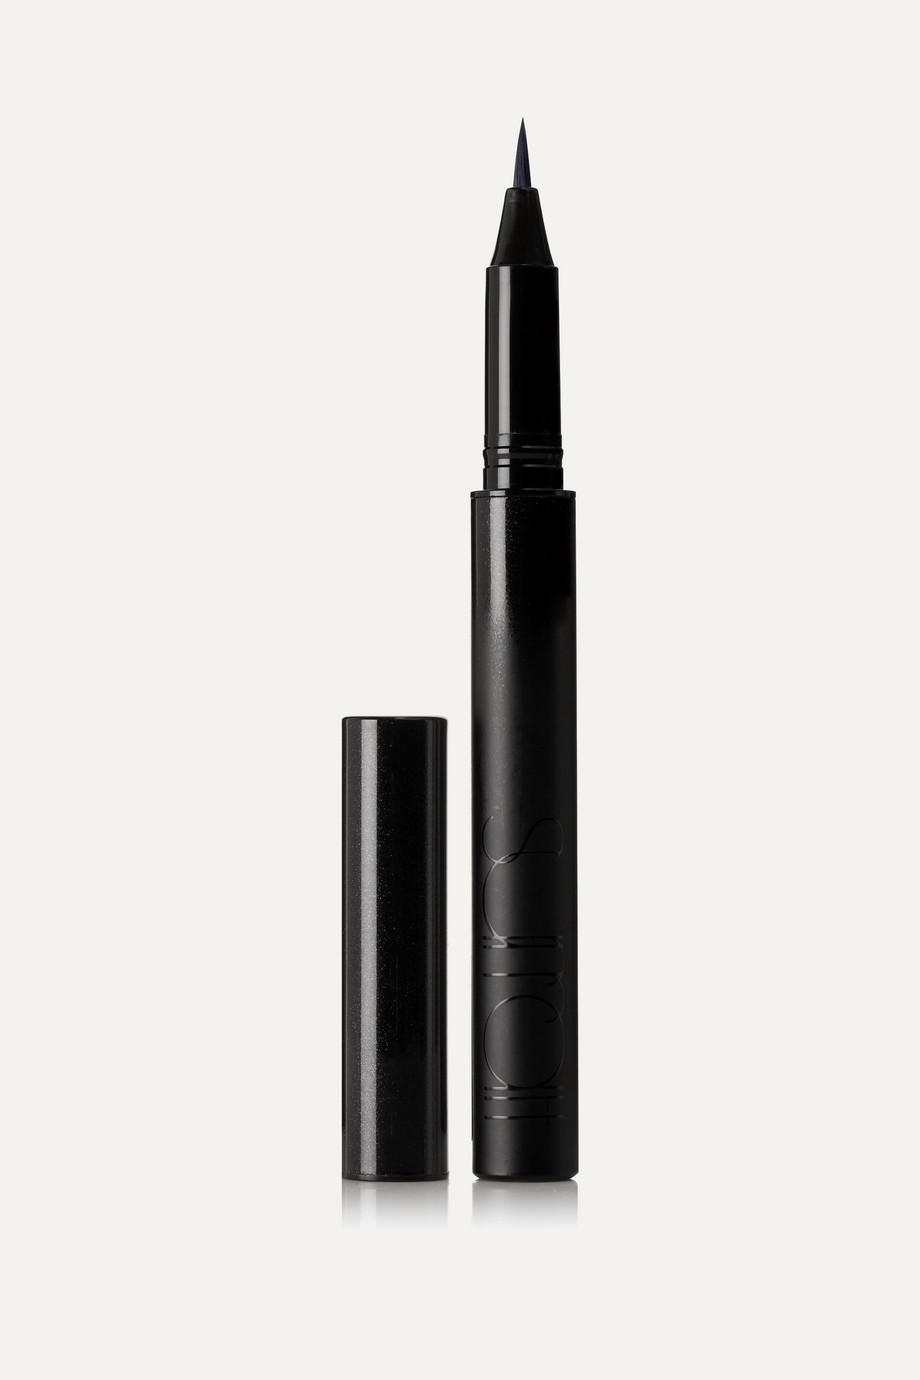 Surratt Beauty Auto-Graphique Eyeliner - 3 Indigo Japonais